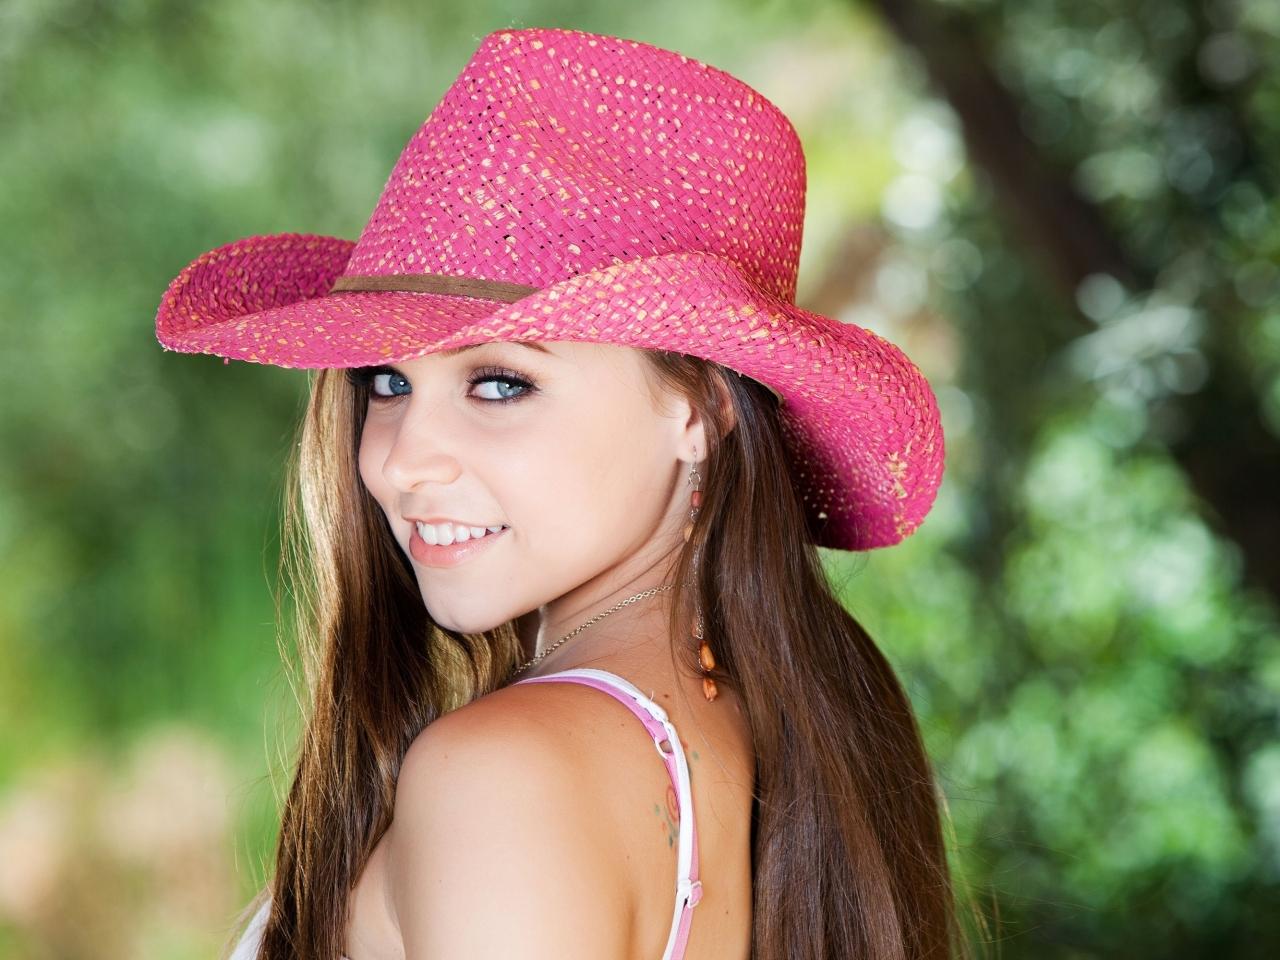 Sombrero rosado - 1280x960